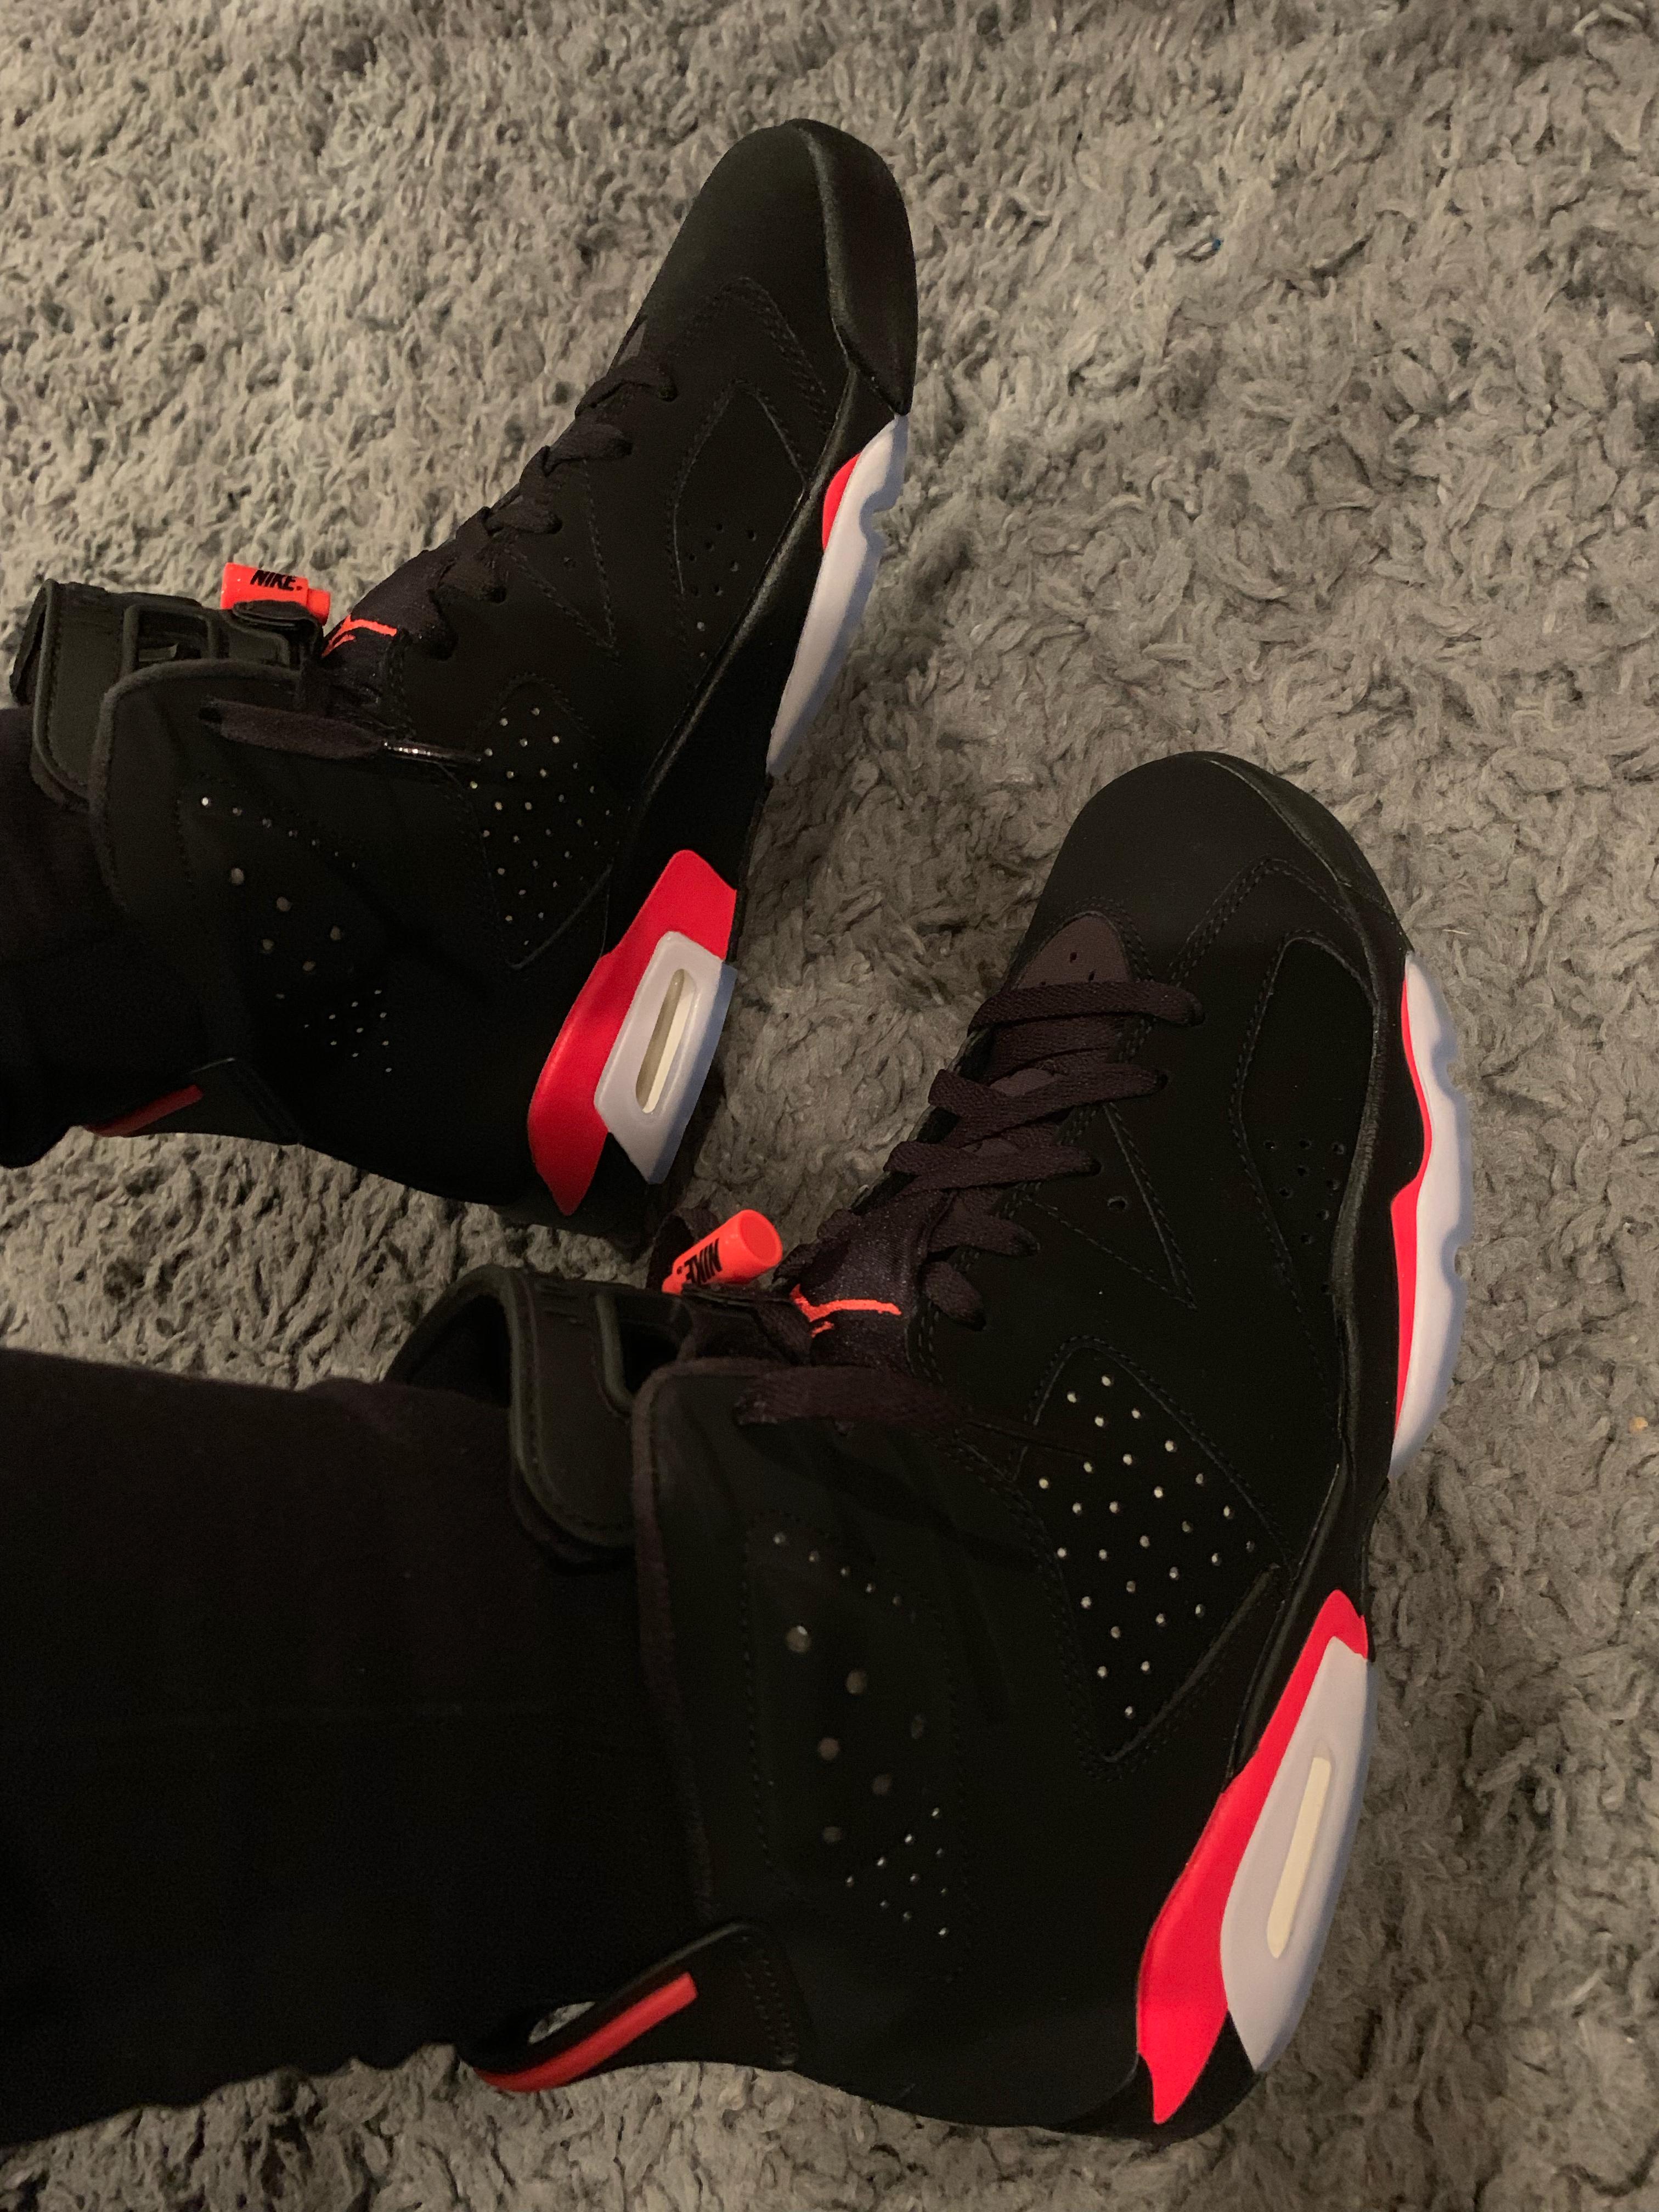 Air Jordan 6 Black Infrared OG 2019